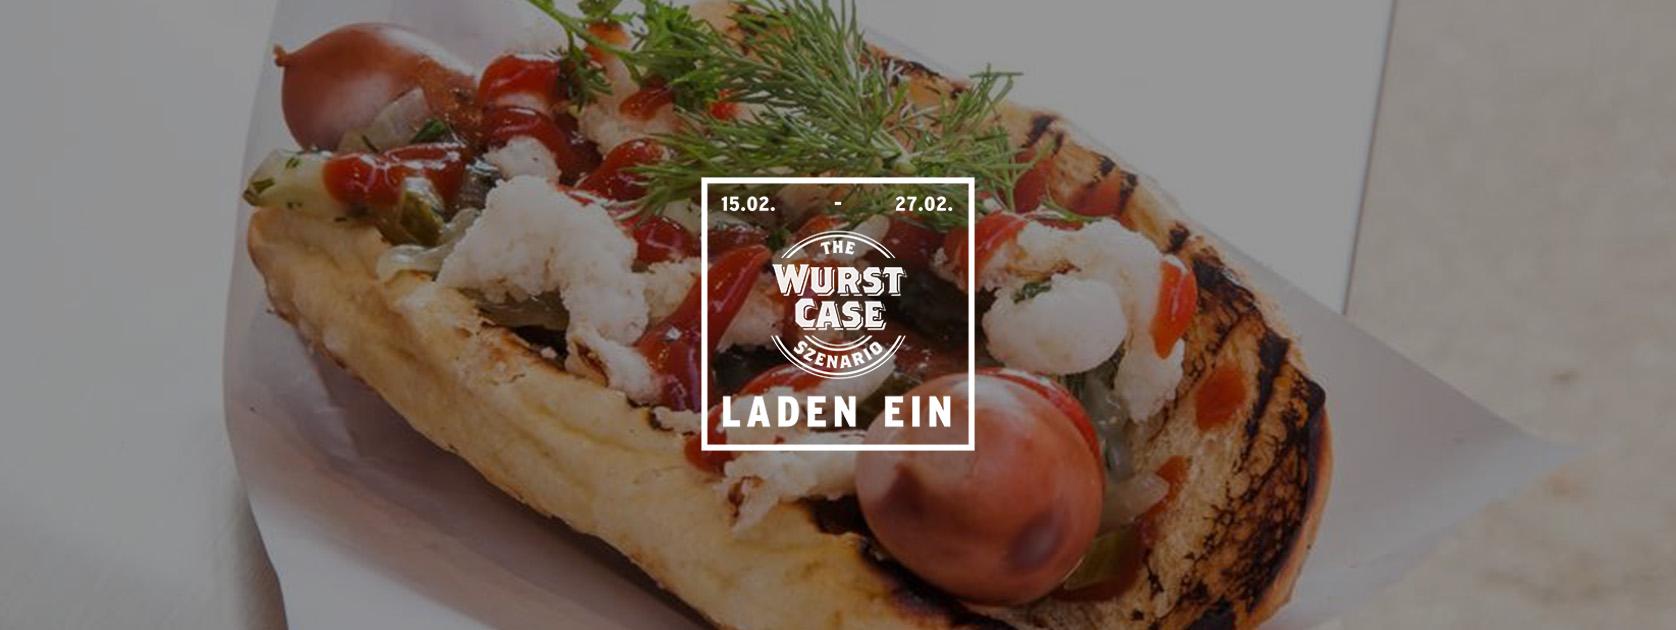 Wurst Case Szenario bei LADEN EIN